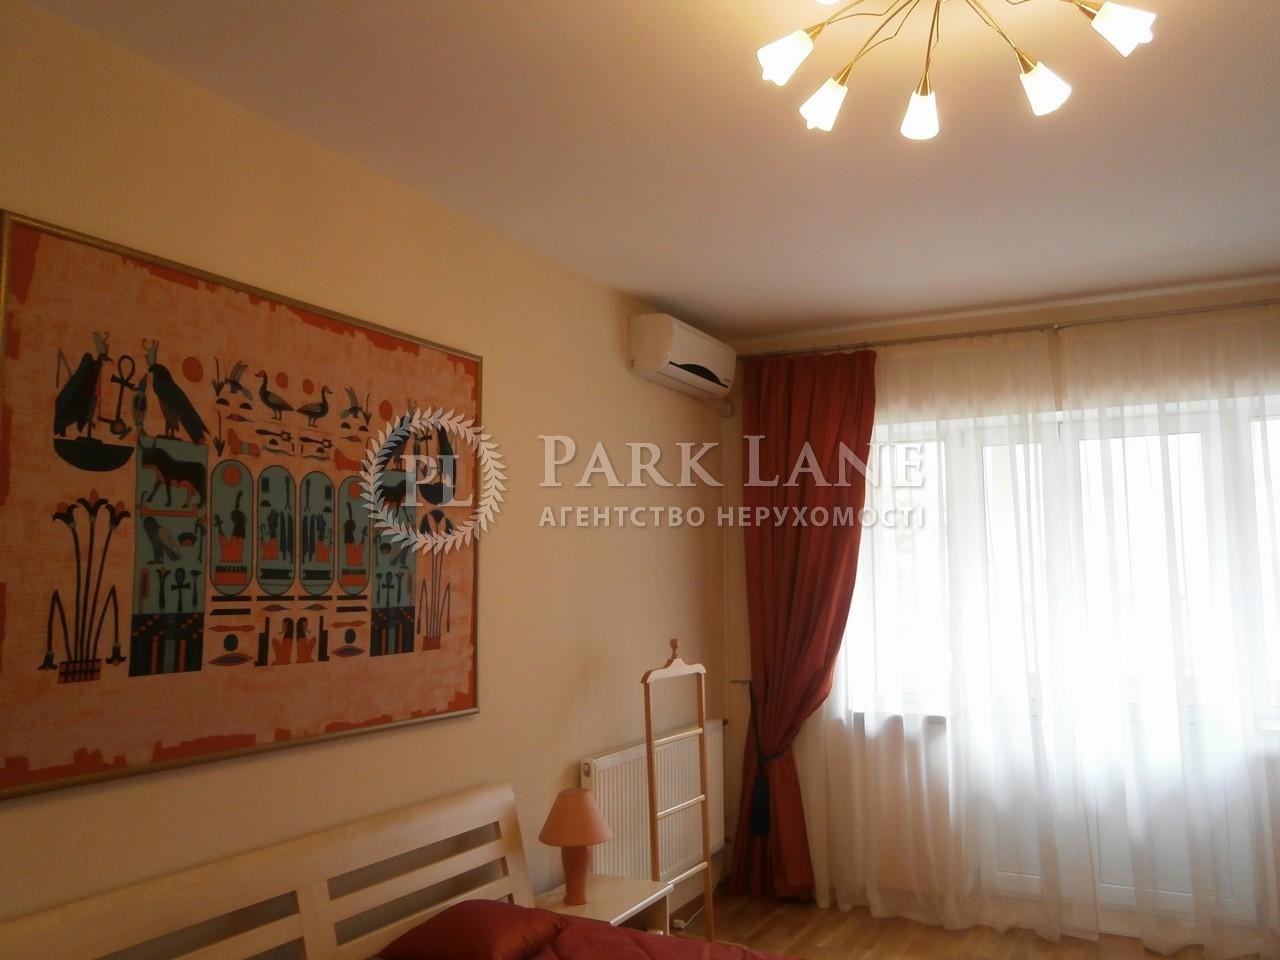 Квартира вул. Юрківська, 28, Київ, Z-622820 - Фото 5